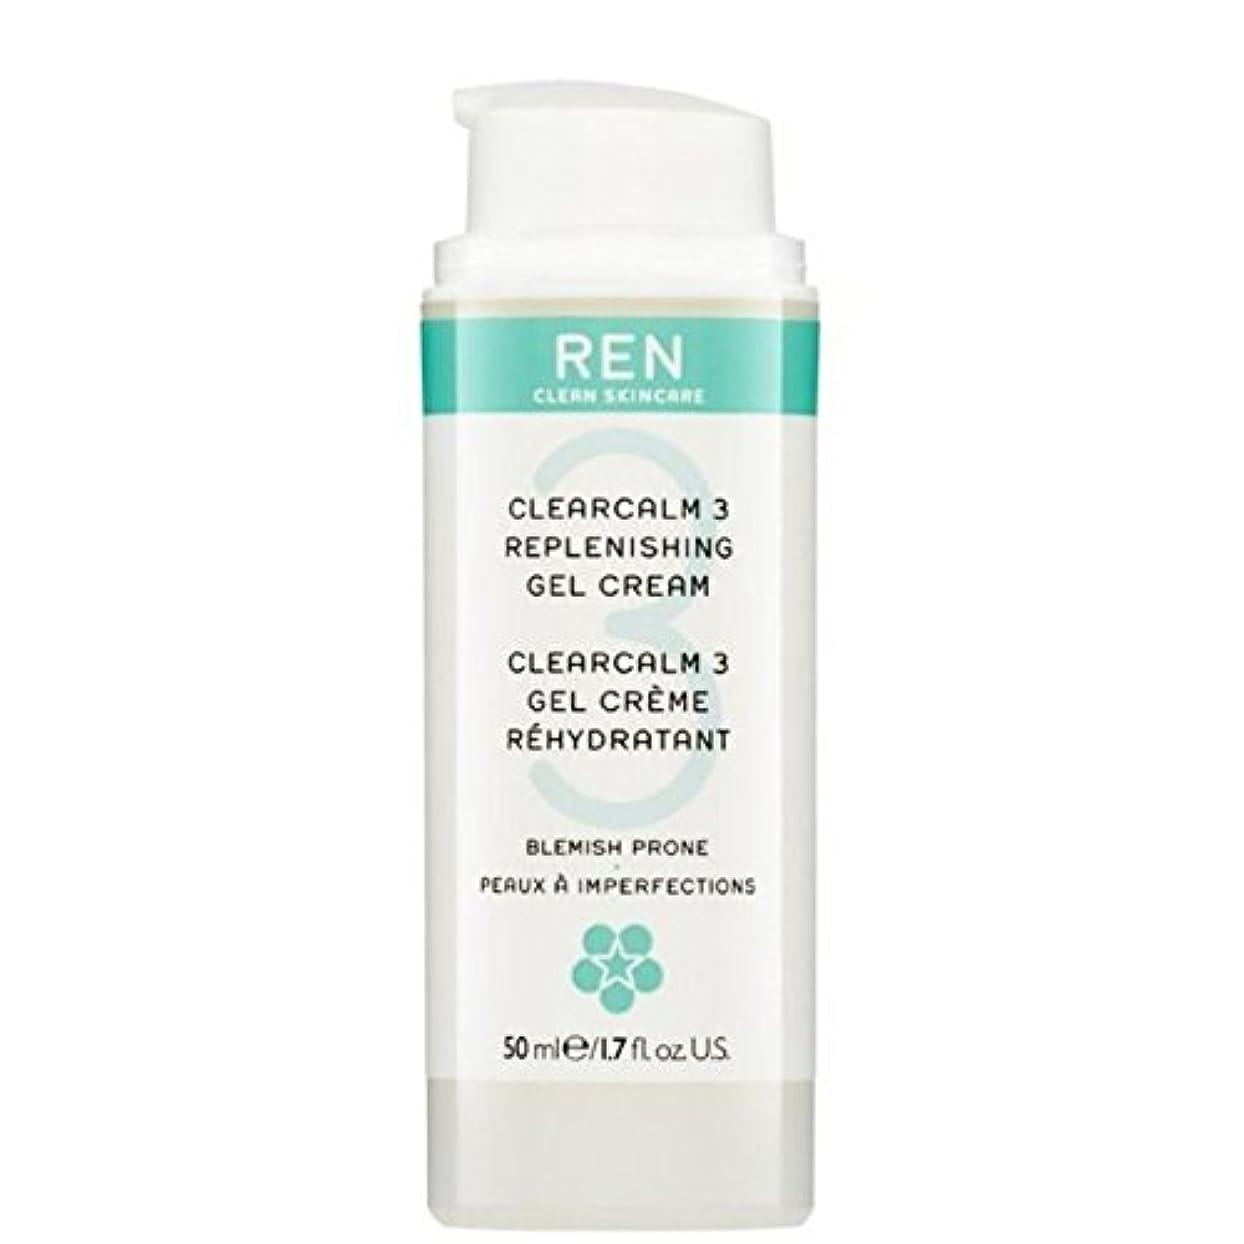 才能入場料バブル3補給ゲルクリーム x2 - REN Clearcalm 3 Replenishing Gel Cream (Pack of 2) [並行輸入品]